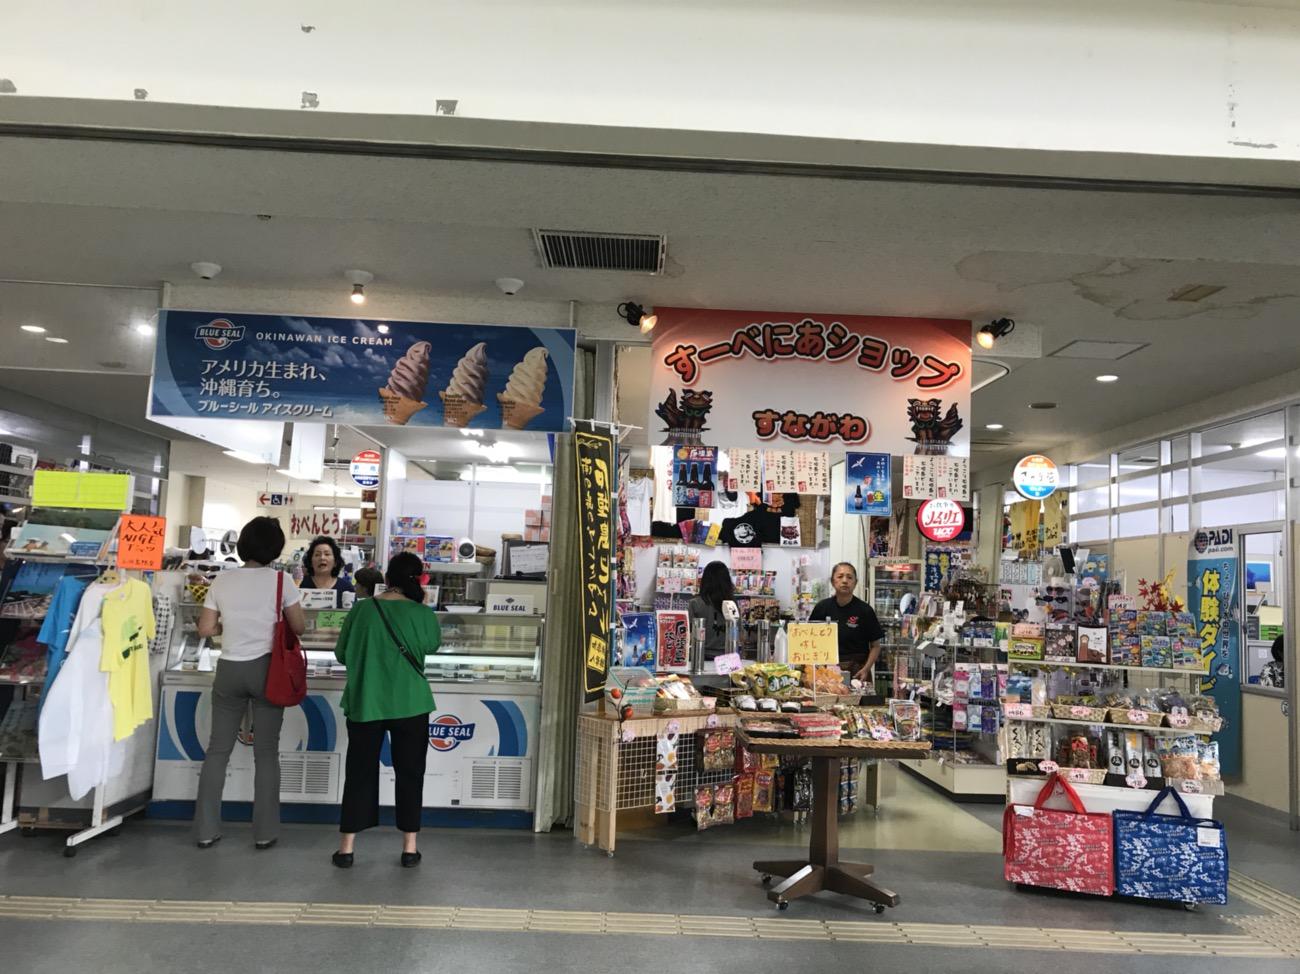 石垣島離島ターミナルの土産物屋食事